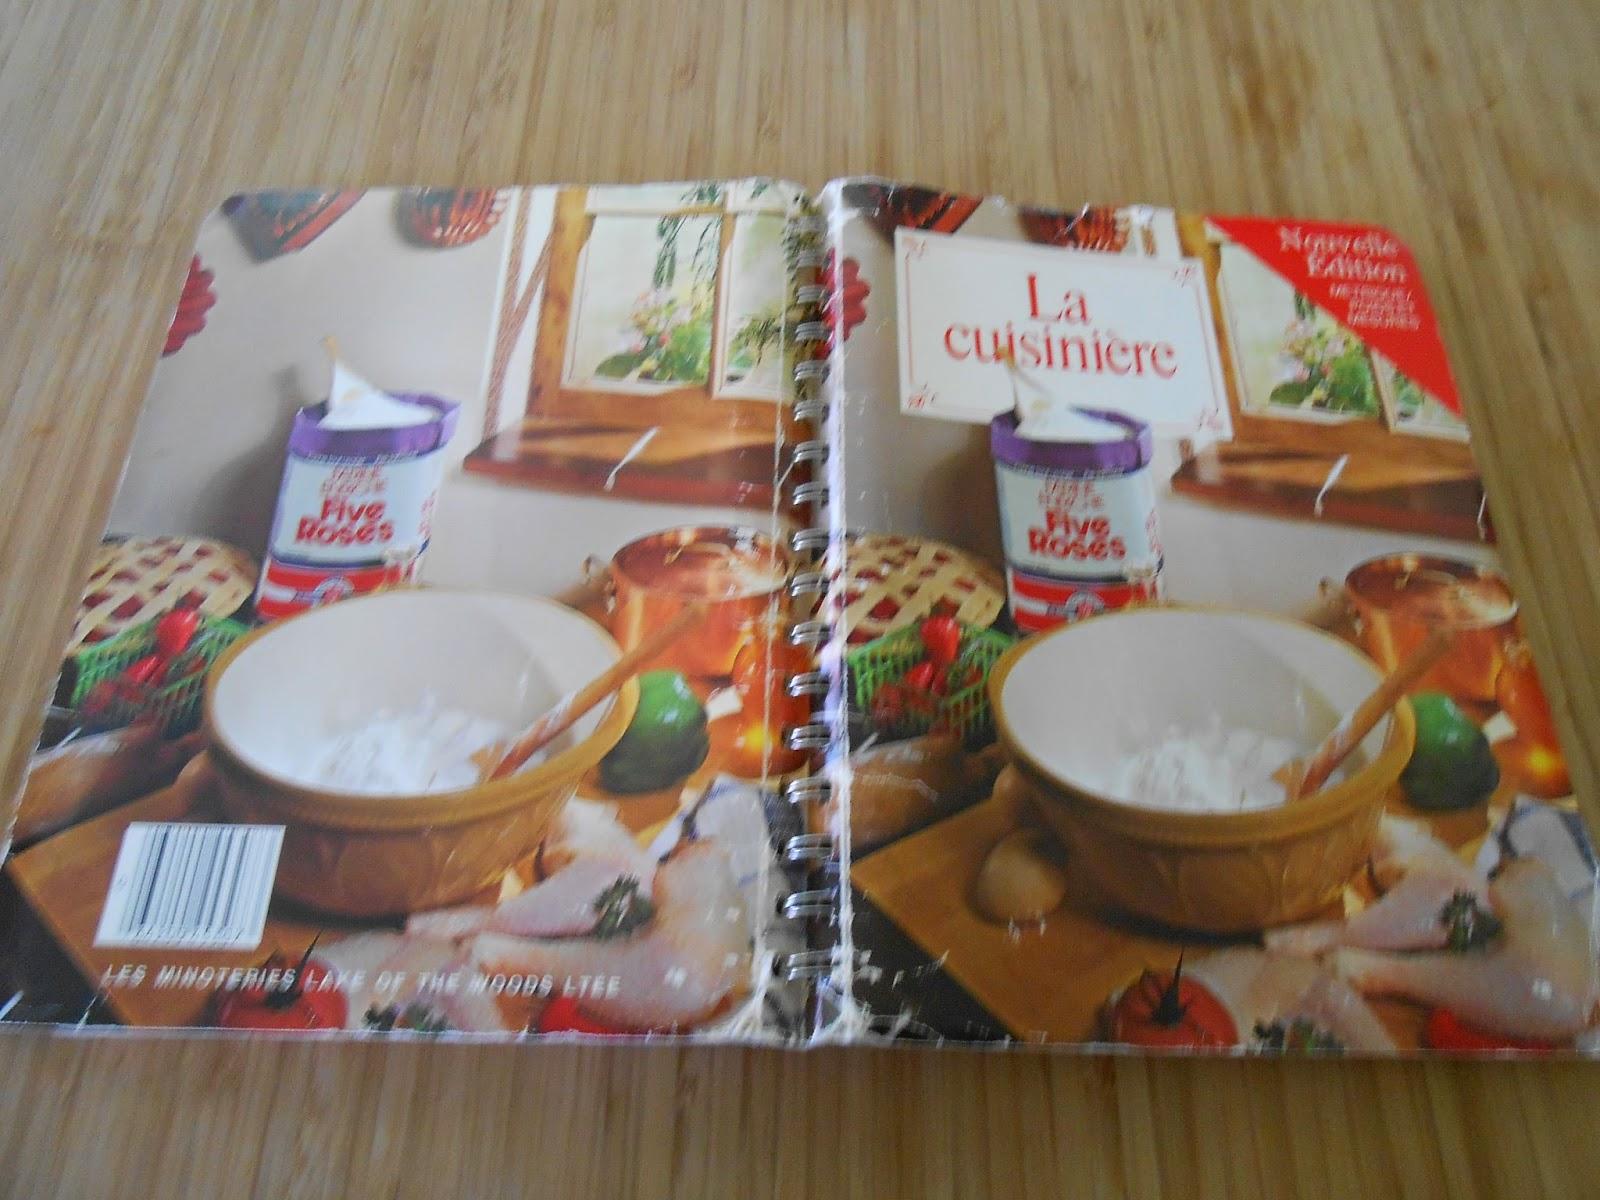 Soupe aux pois la qu b coise for Cuisine quebecoise